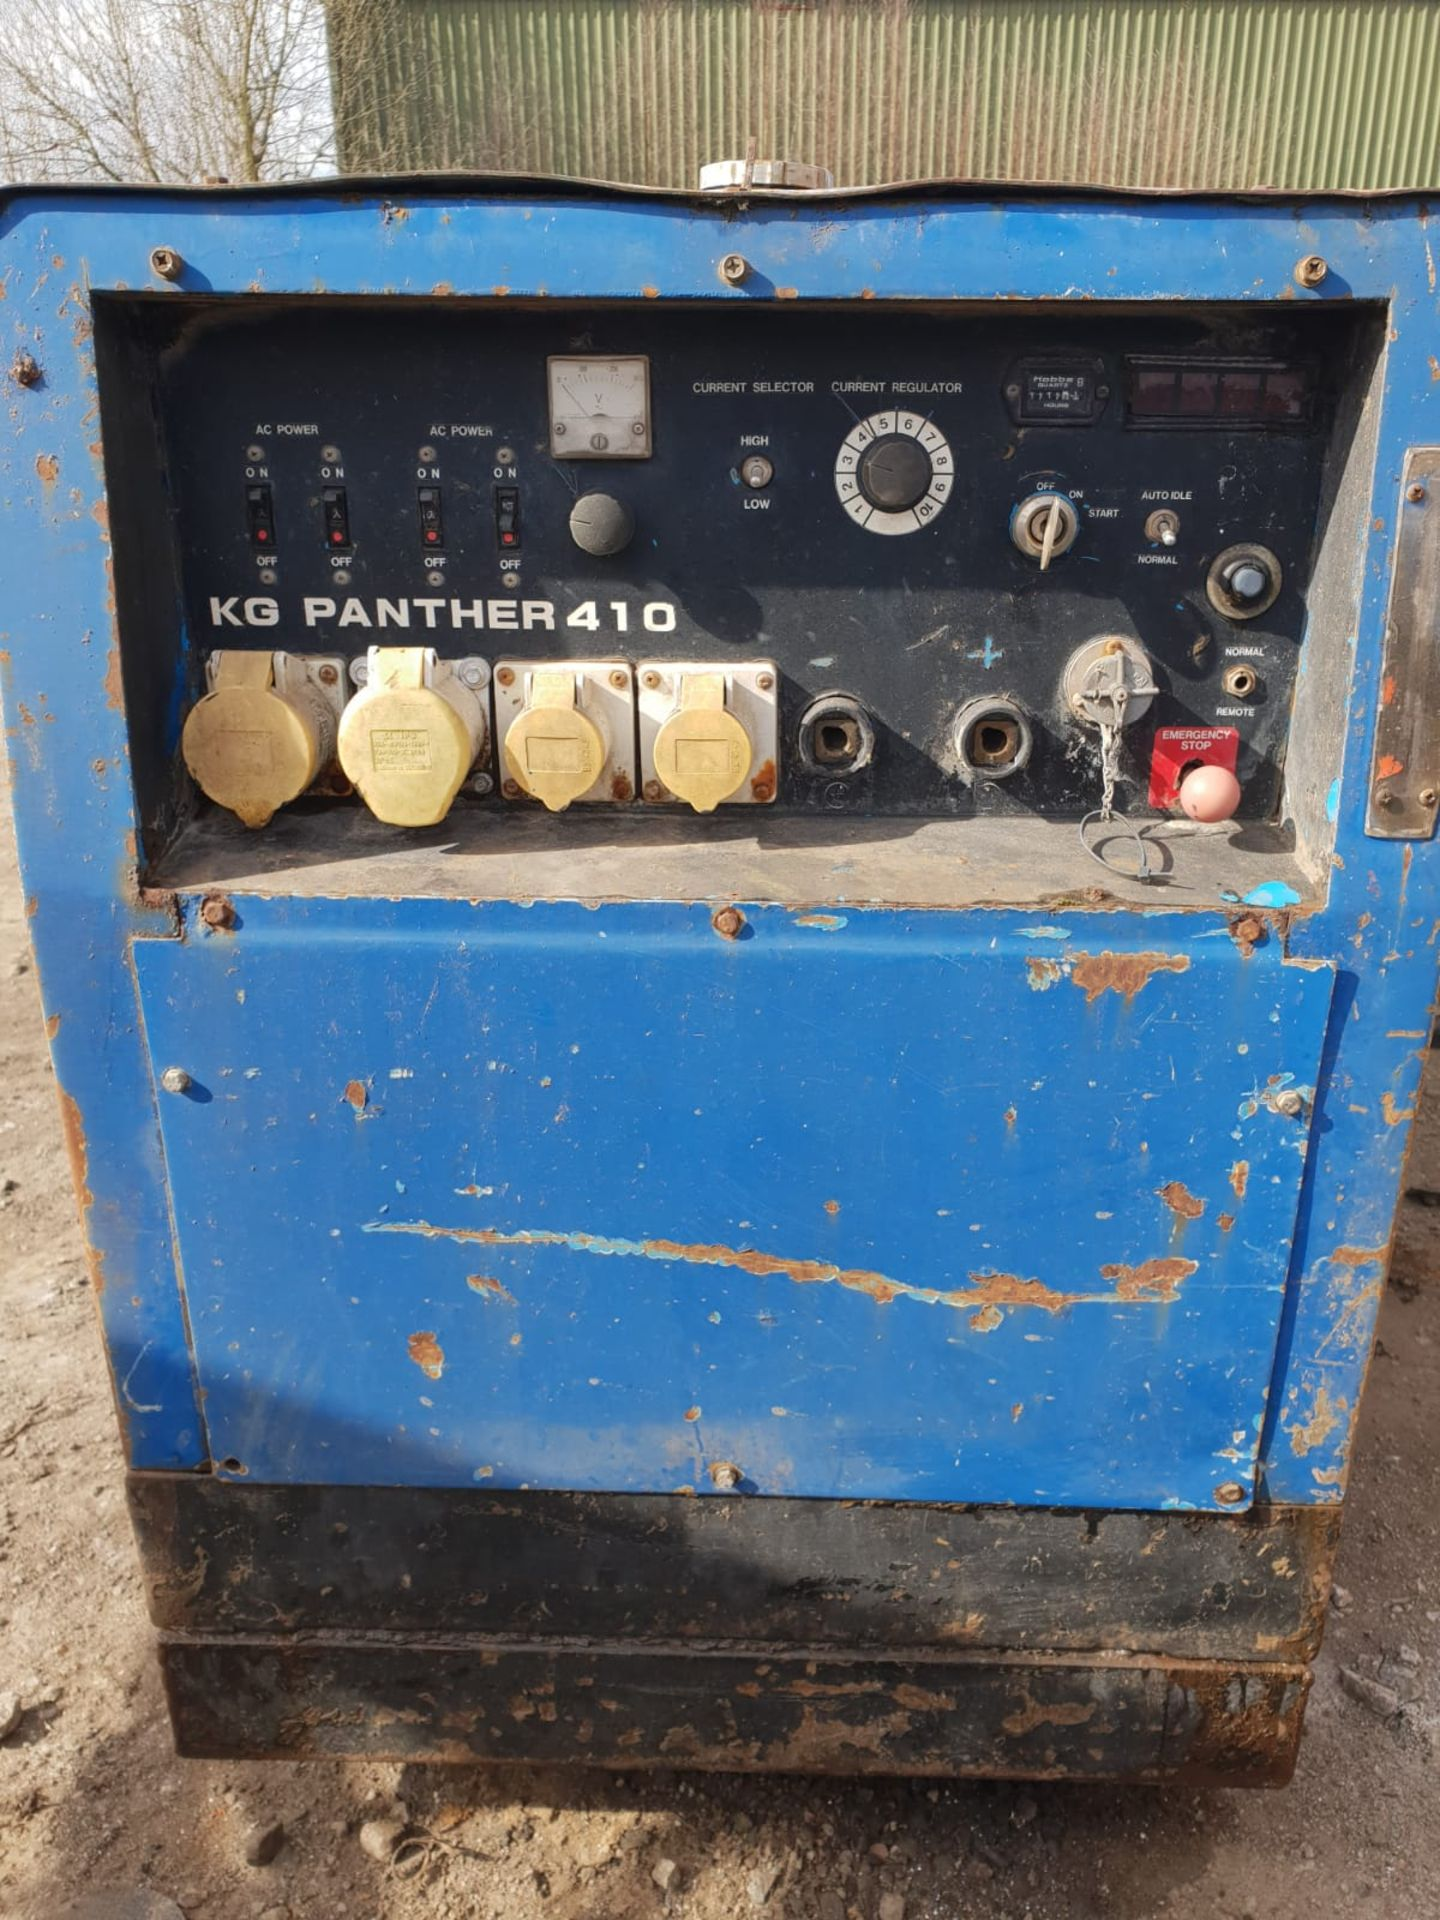 Lot 162 - 3-CYLINDER DIESEL GENERATOR WELDER 110V SOCKETS, 300 AMP WELDER FULL WORKING ORDER *PLUS VAT*